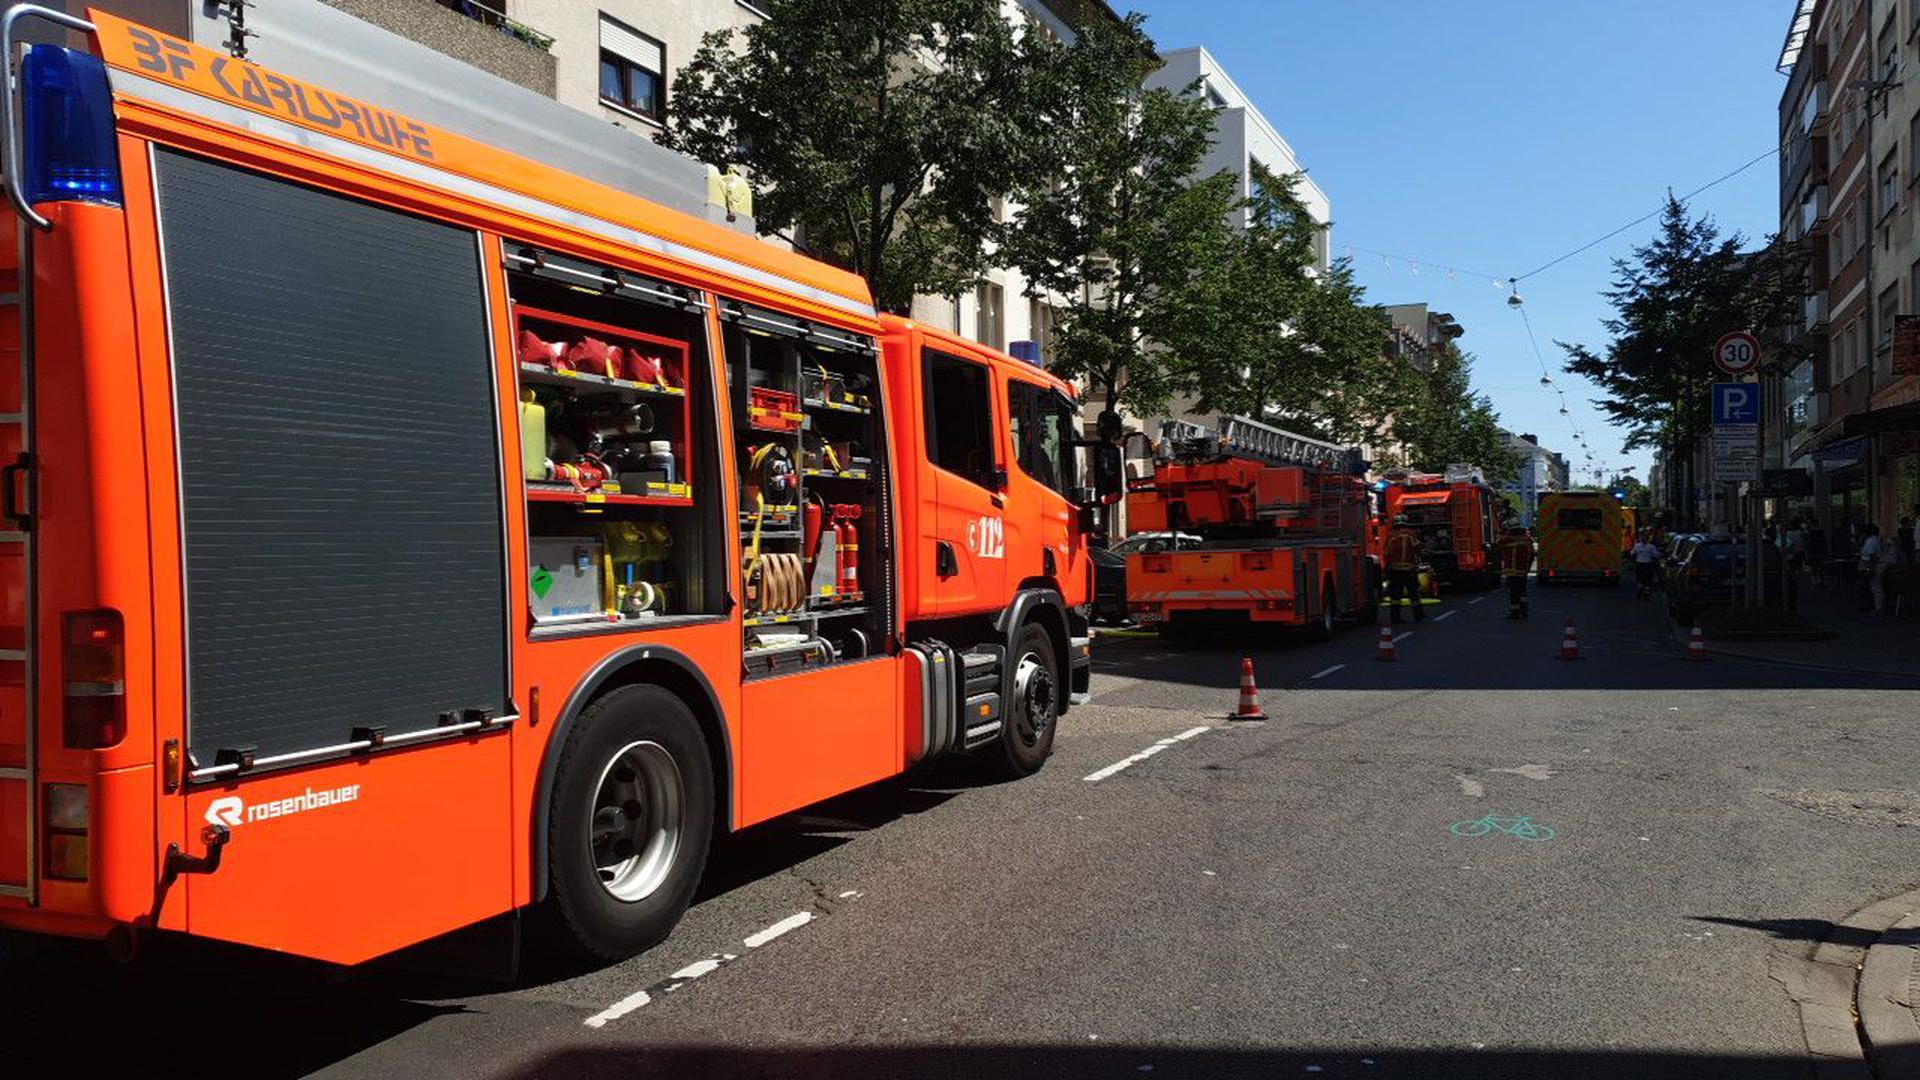 Feuerwehreinsatz Karlsruhe